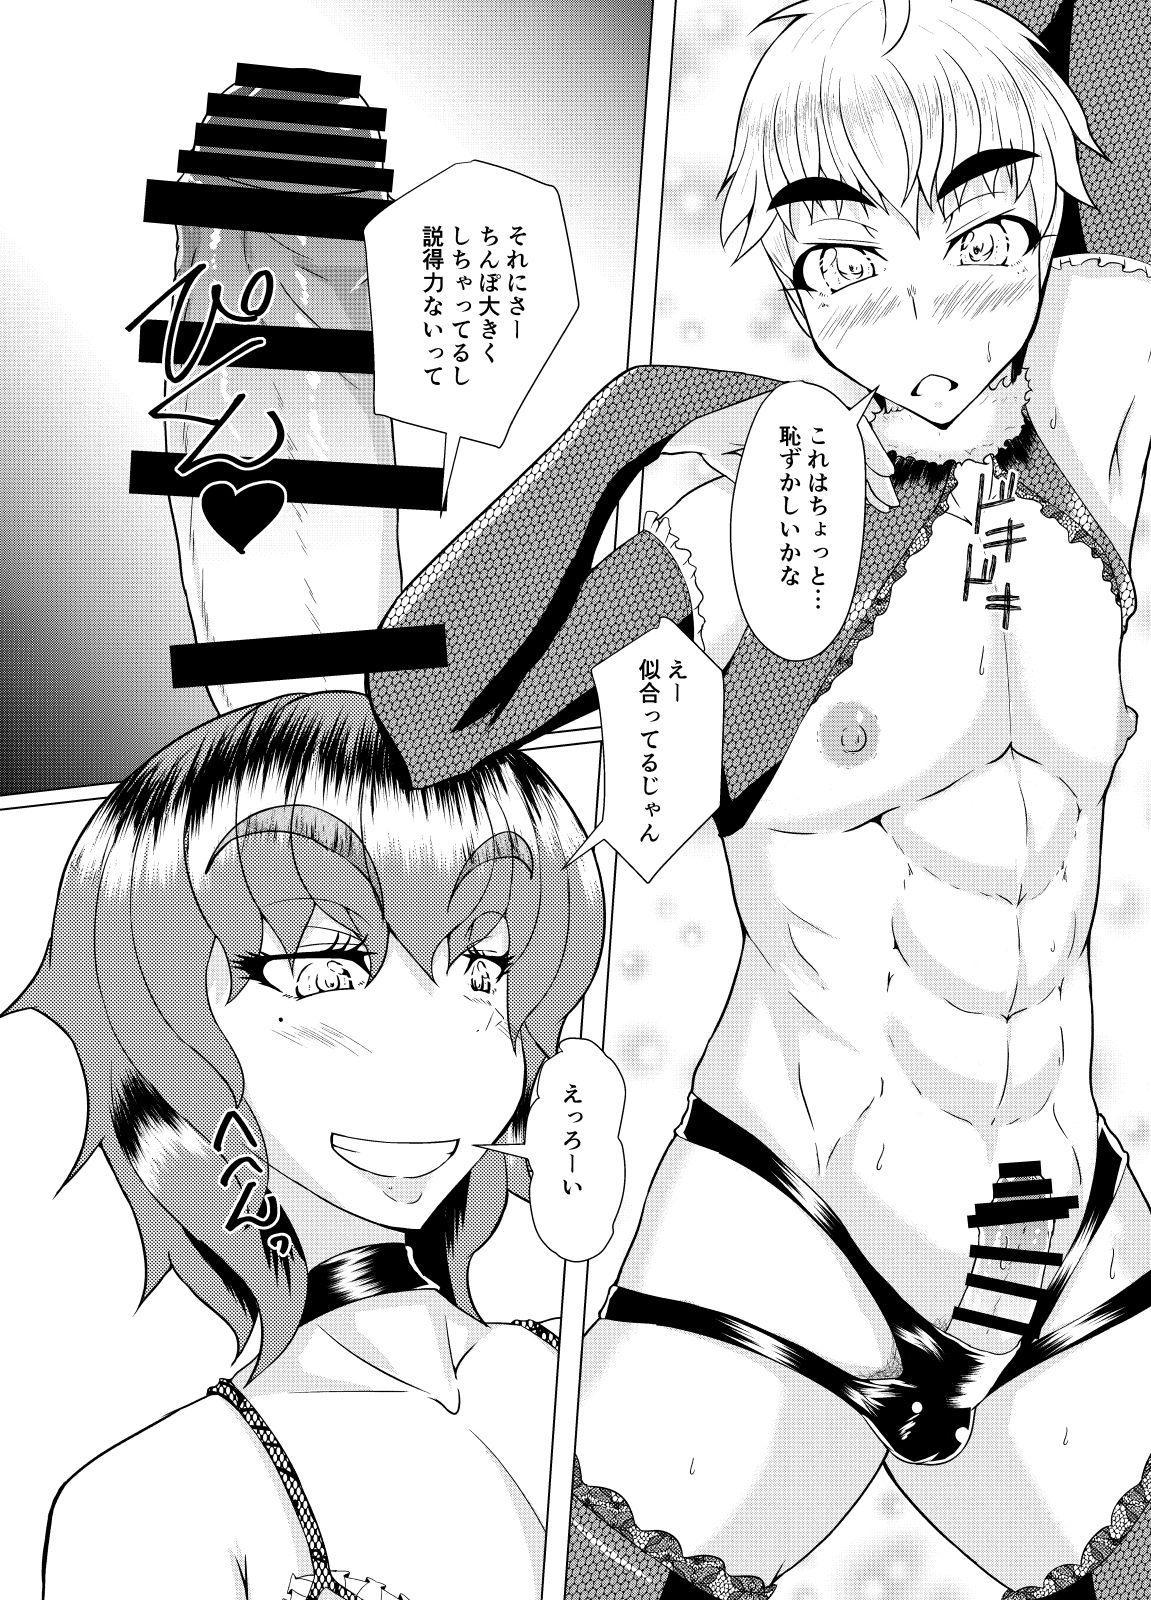 Mesu ni Naru Houhou 4